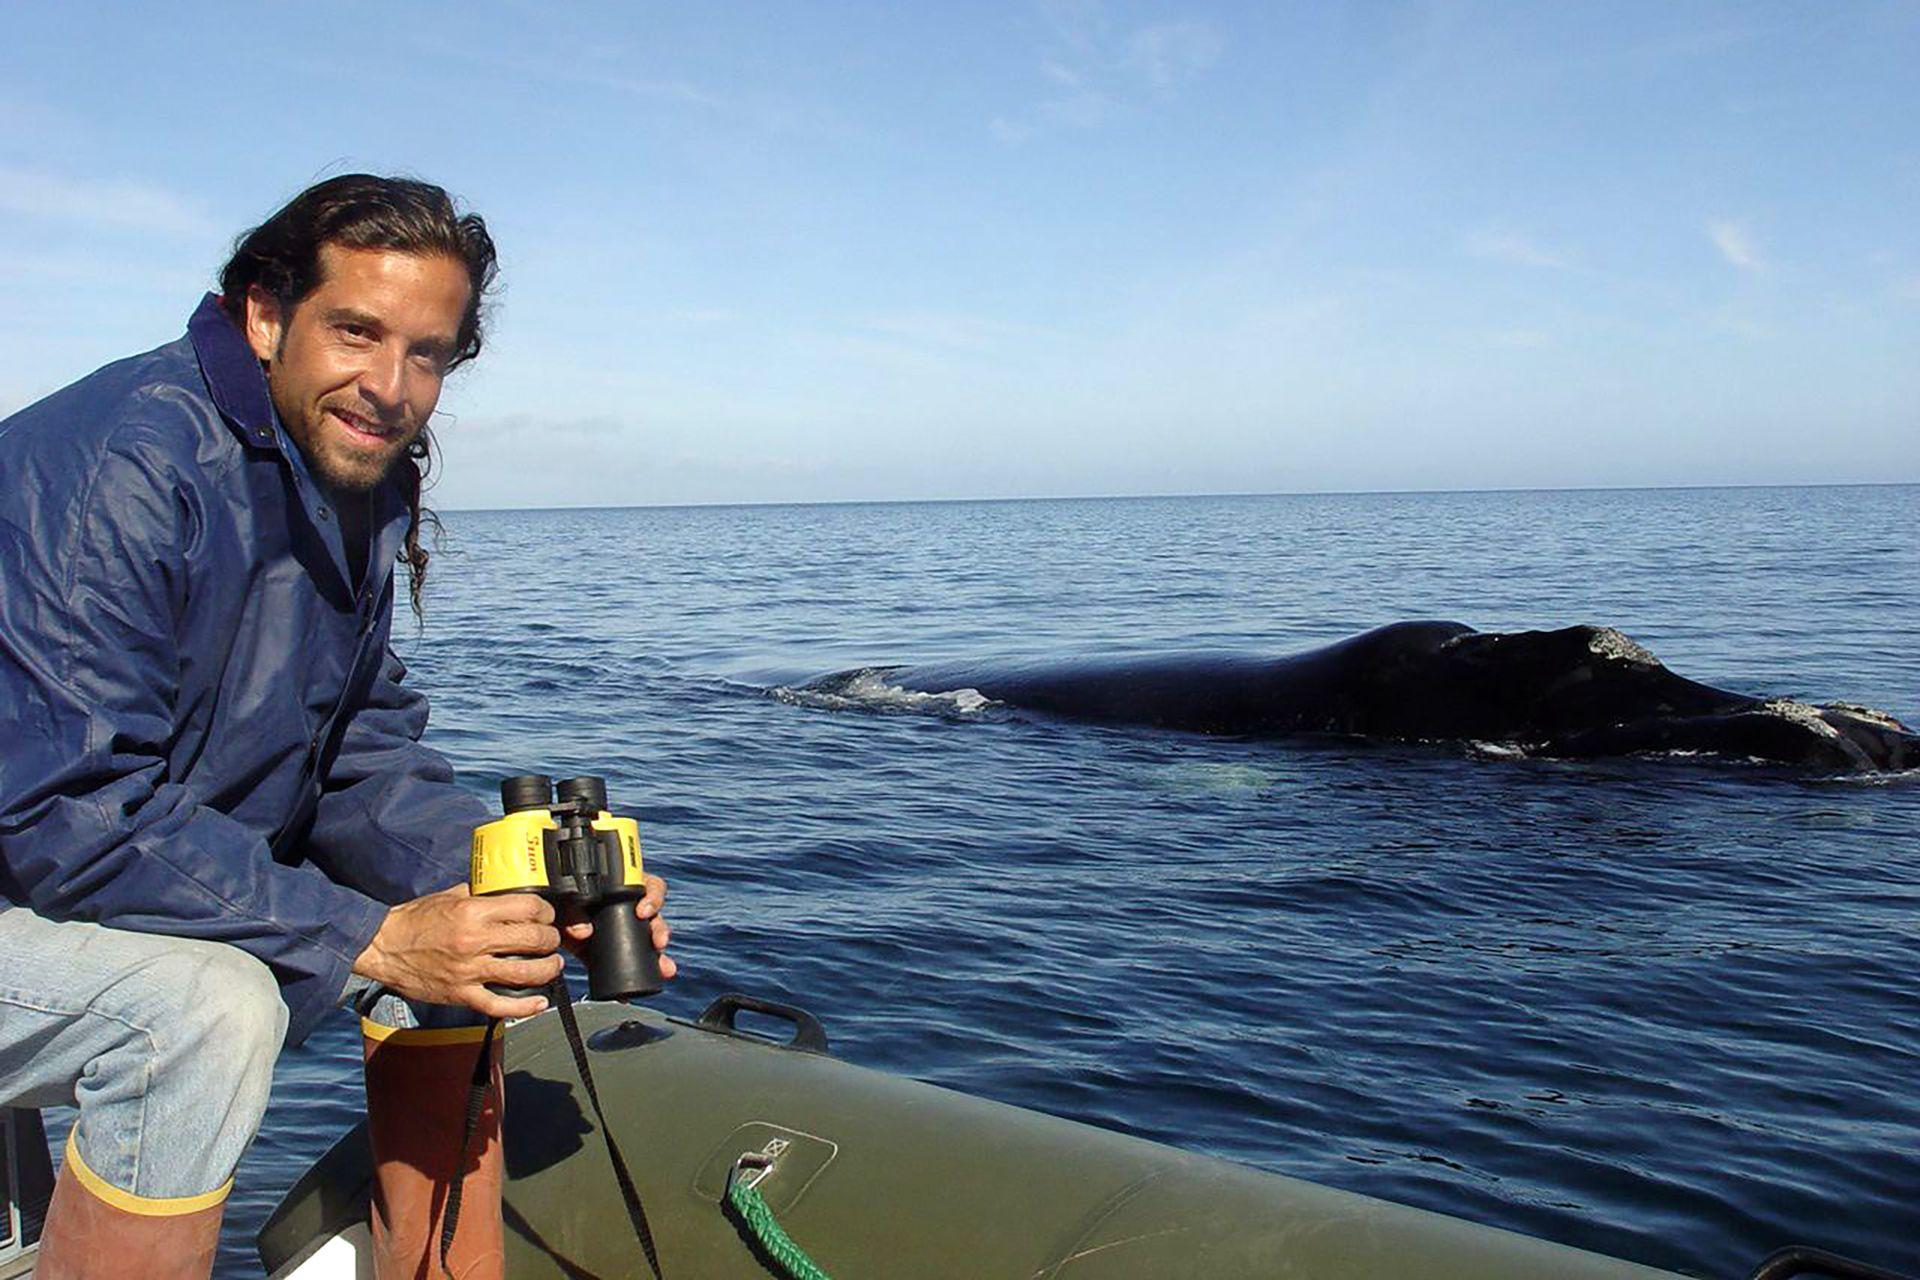 Mariano Sironi es Doctor en Biología, director científico y socio fundador del Instituto de Conservación de Ballenas (ICB) desde el año 1996